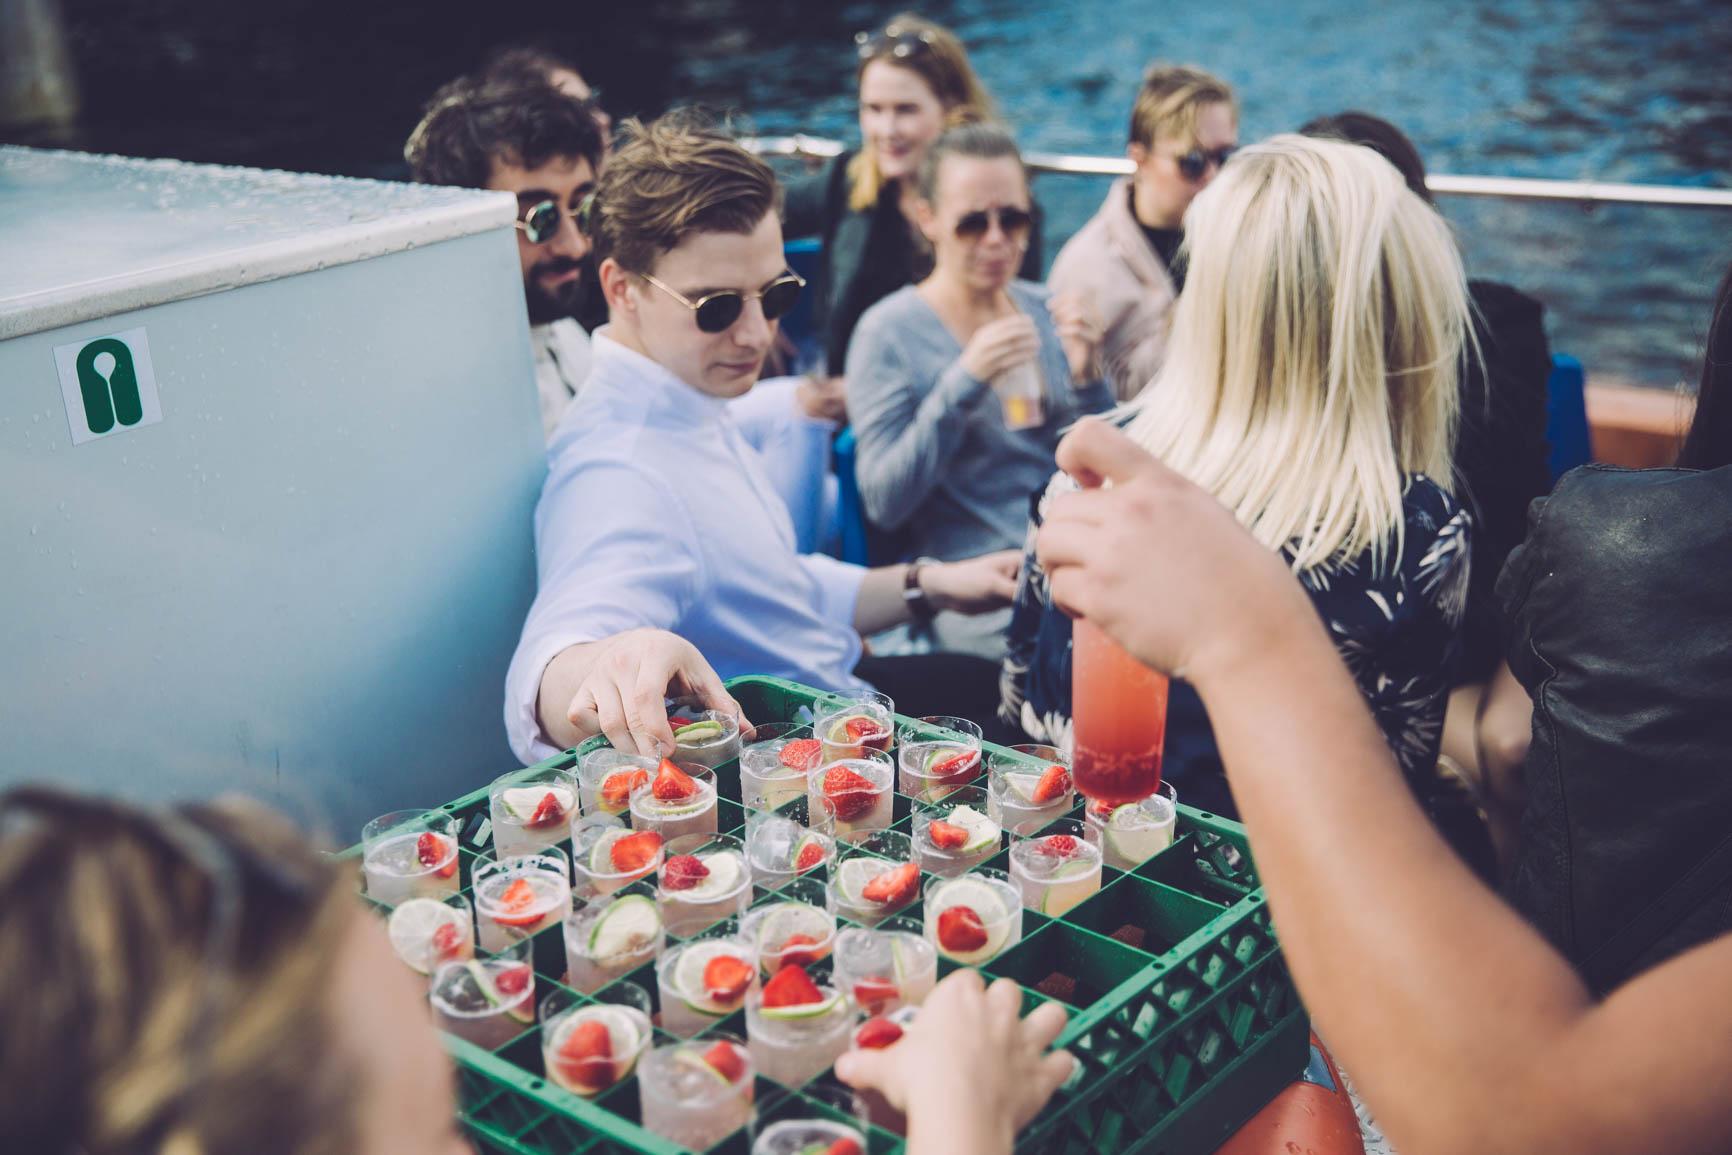 Minder fra Gin & Tonic Cruise juli '17